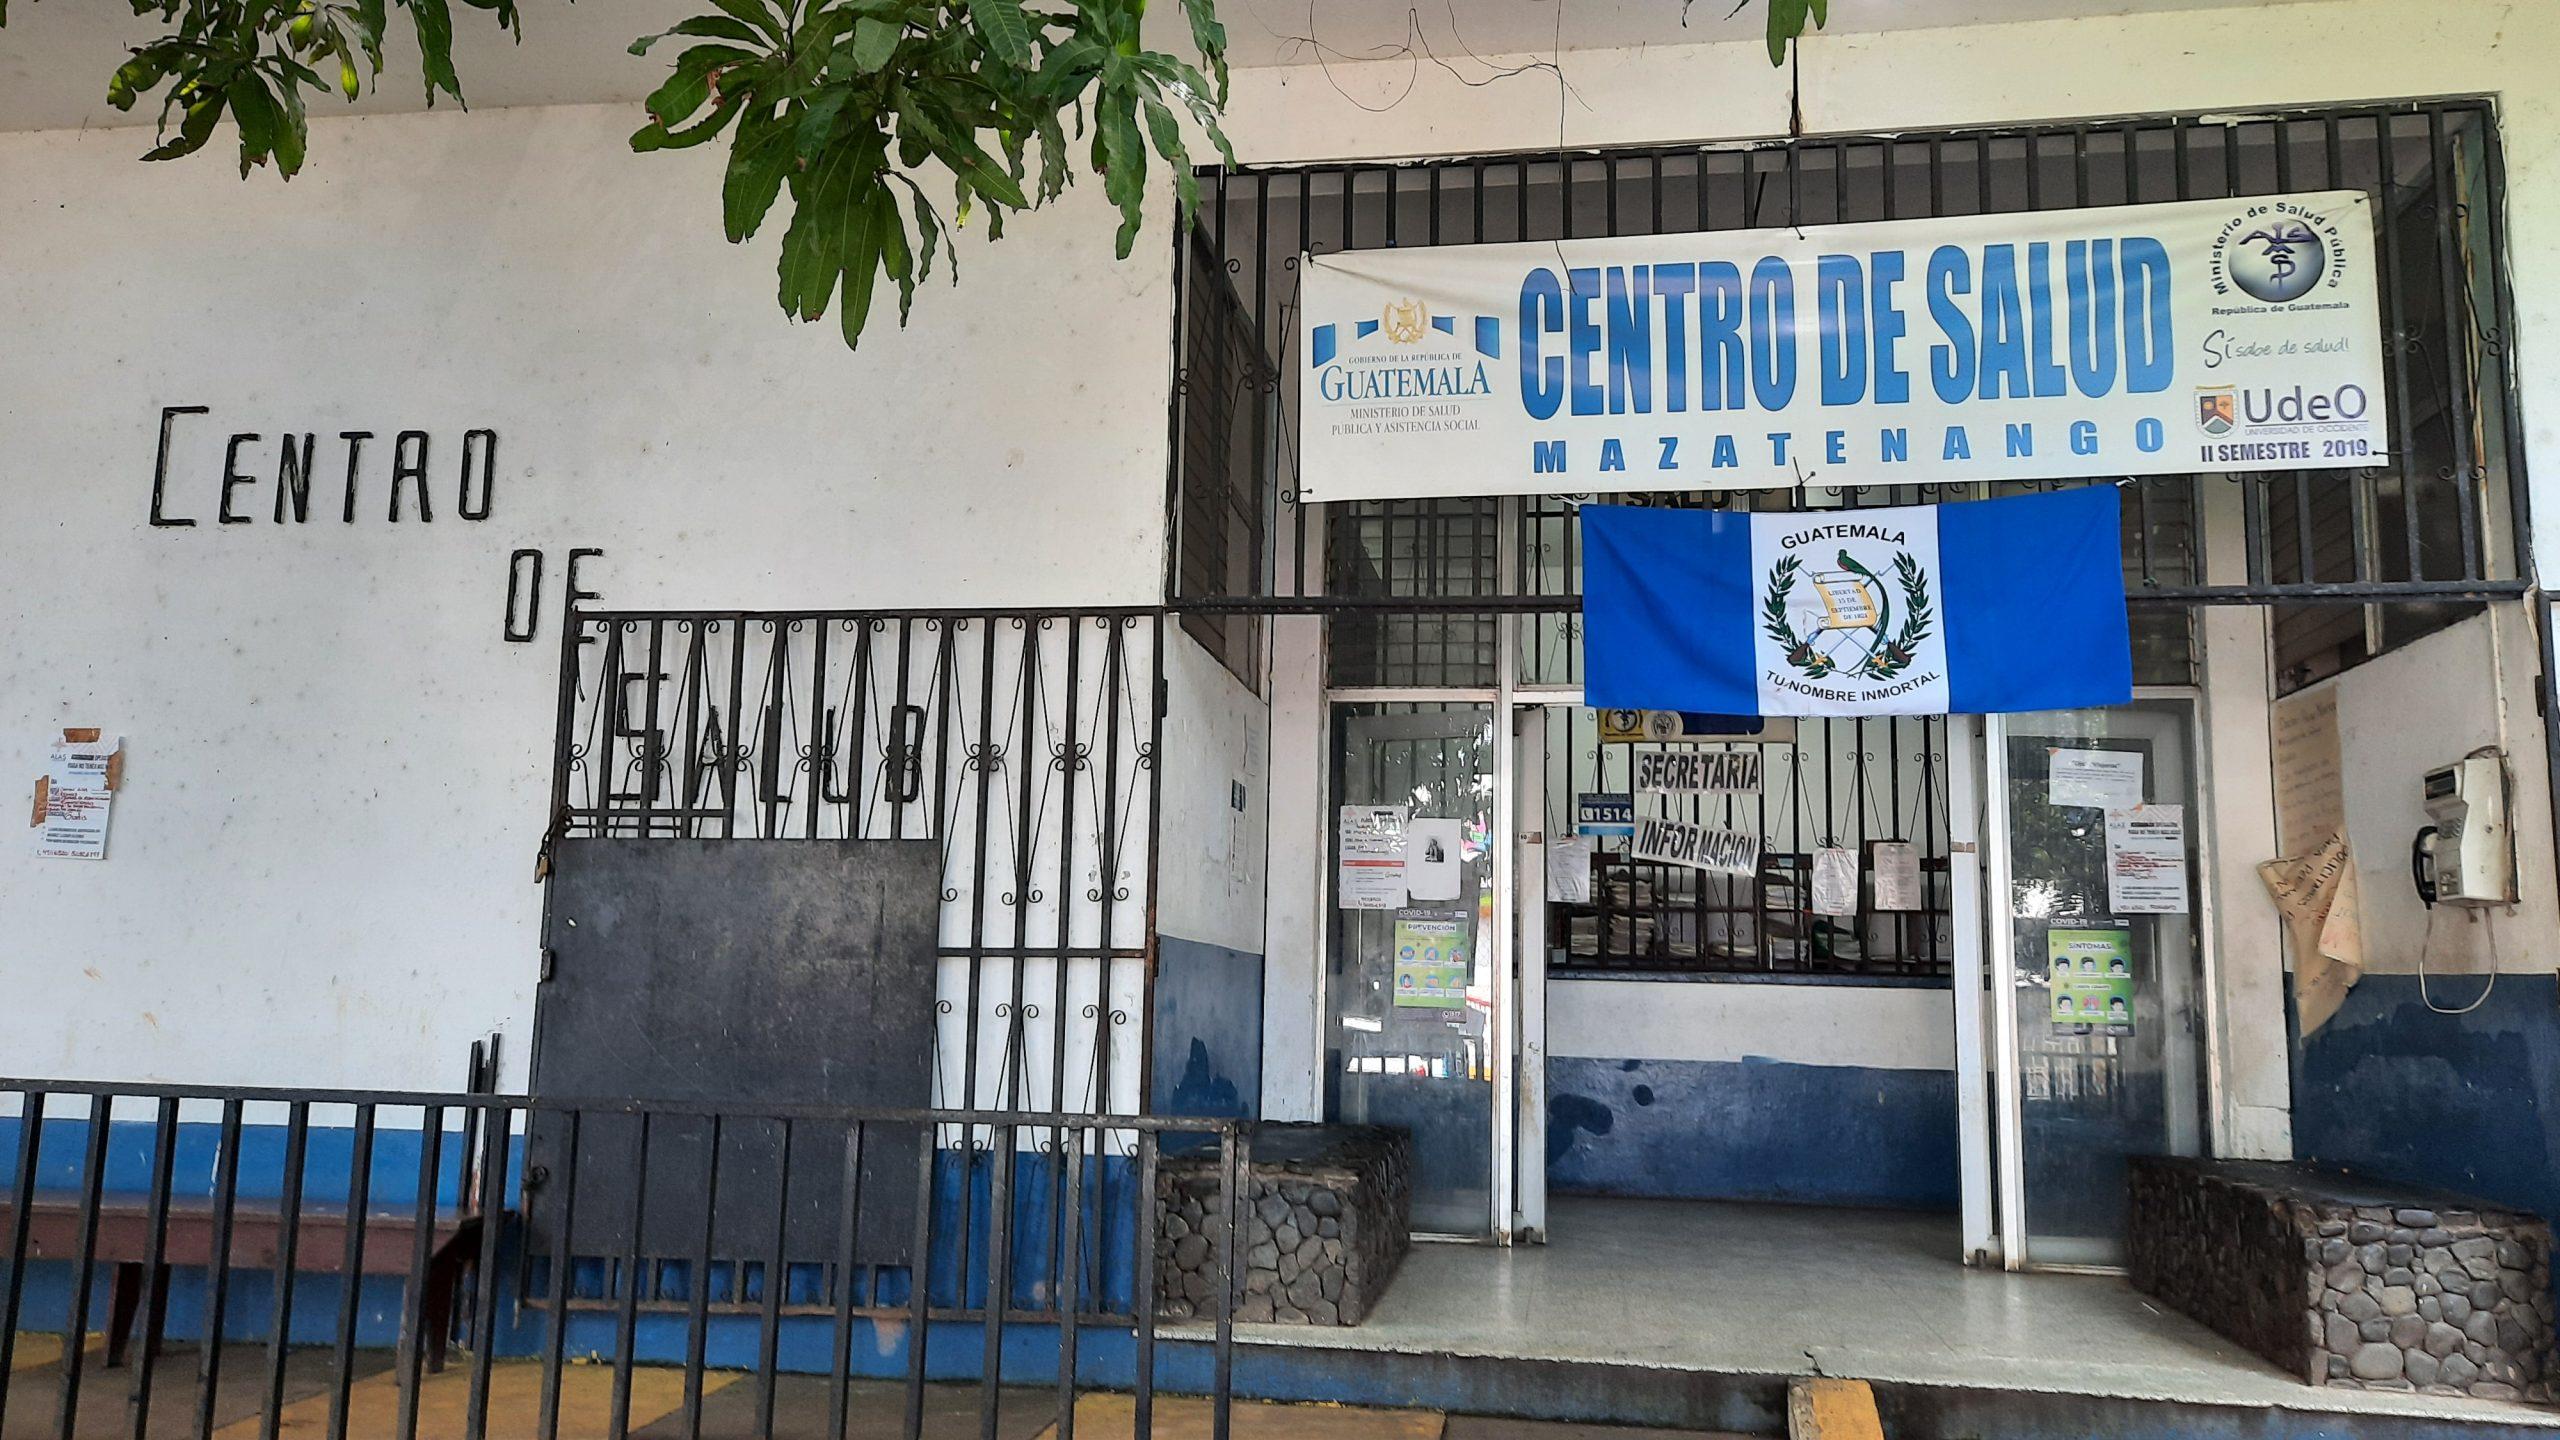 Varios comerciantes de Mazatenango, denunciaron el cobro de sobornos por parte de los inspectores del Centro de Salud para obtener licencias sanitarias y permisos para que los negocios puedan operar. (Foto: Cristian Soto)